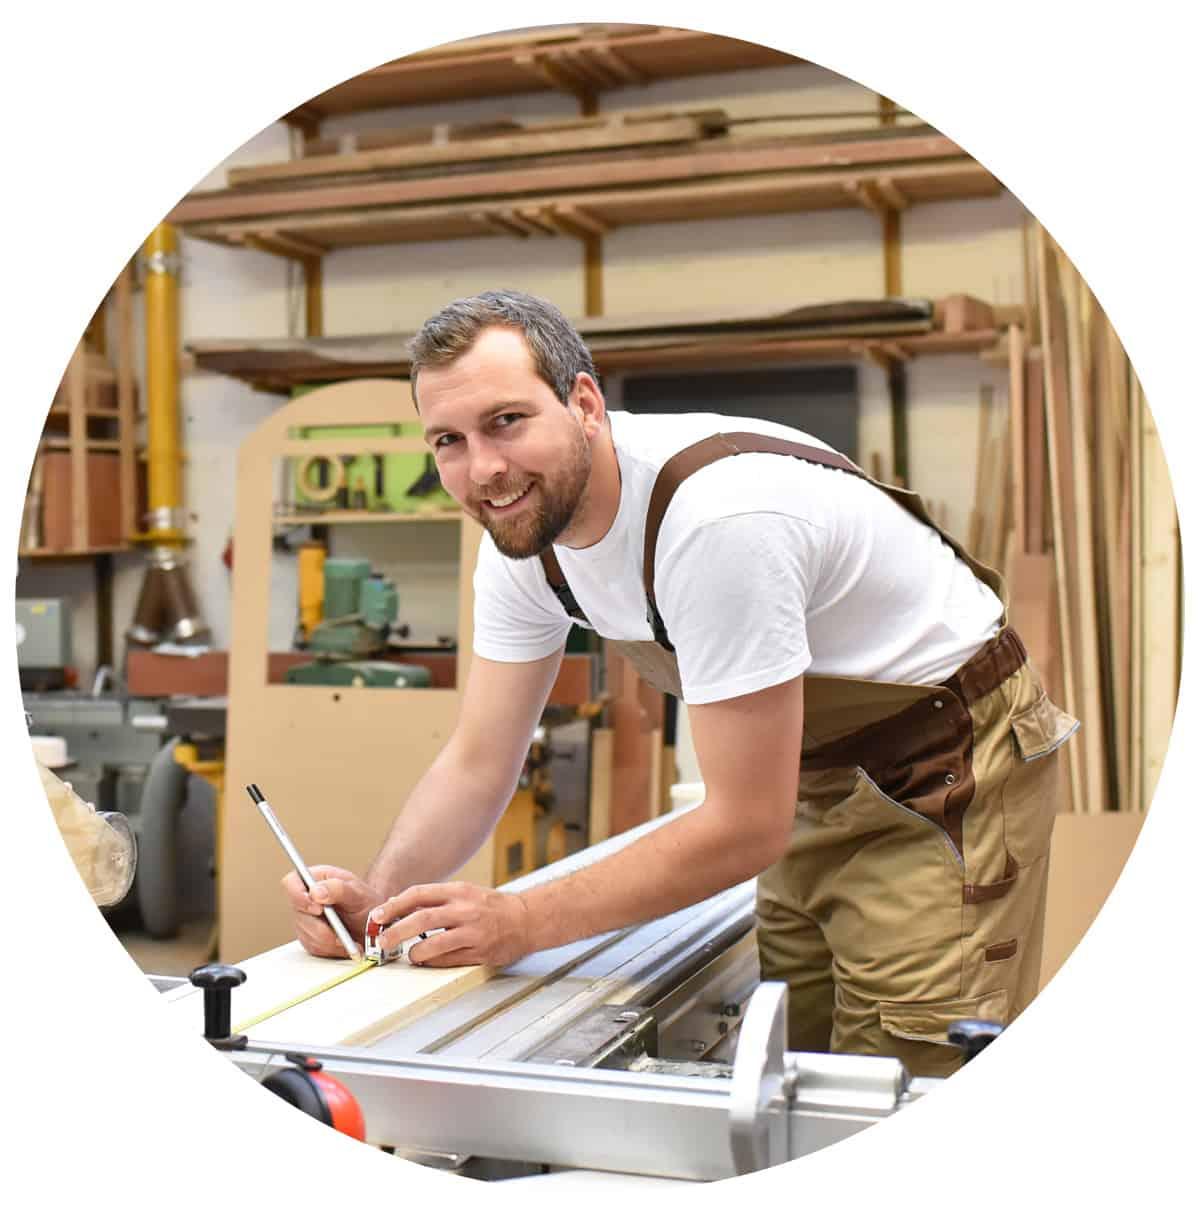 carpenter equipment